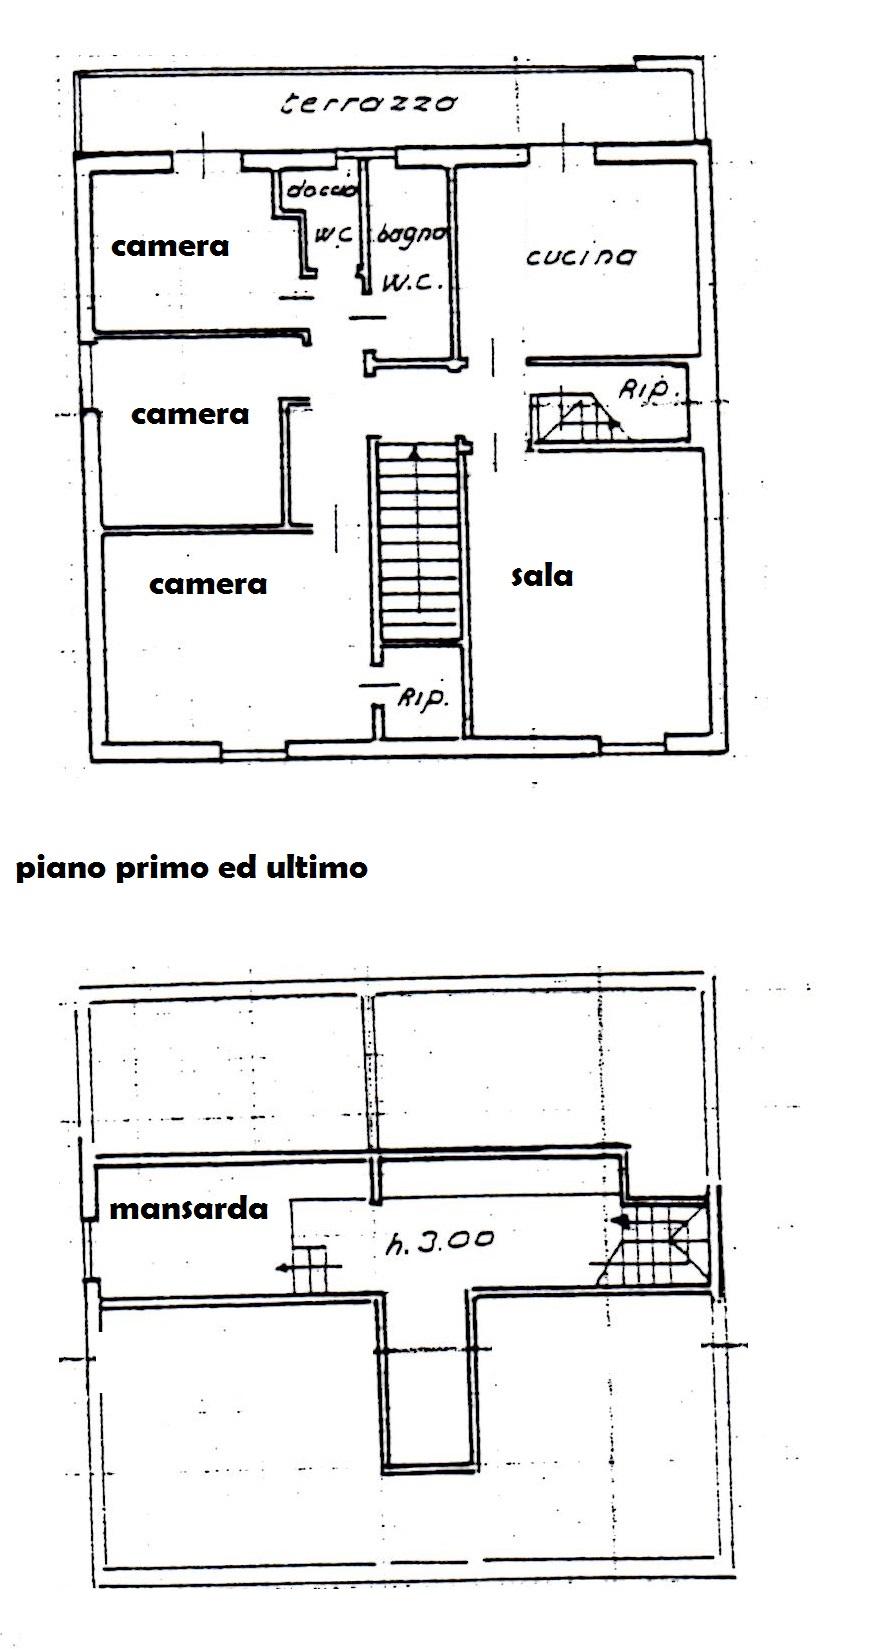 magazzino Toscana